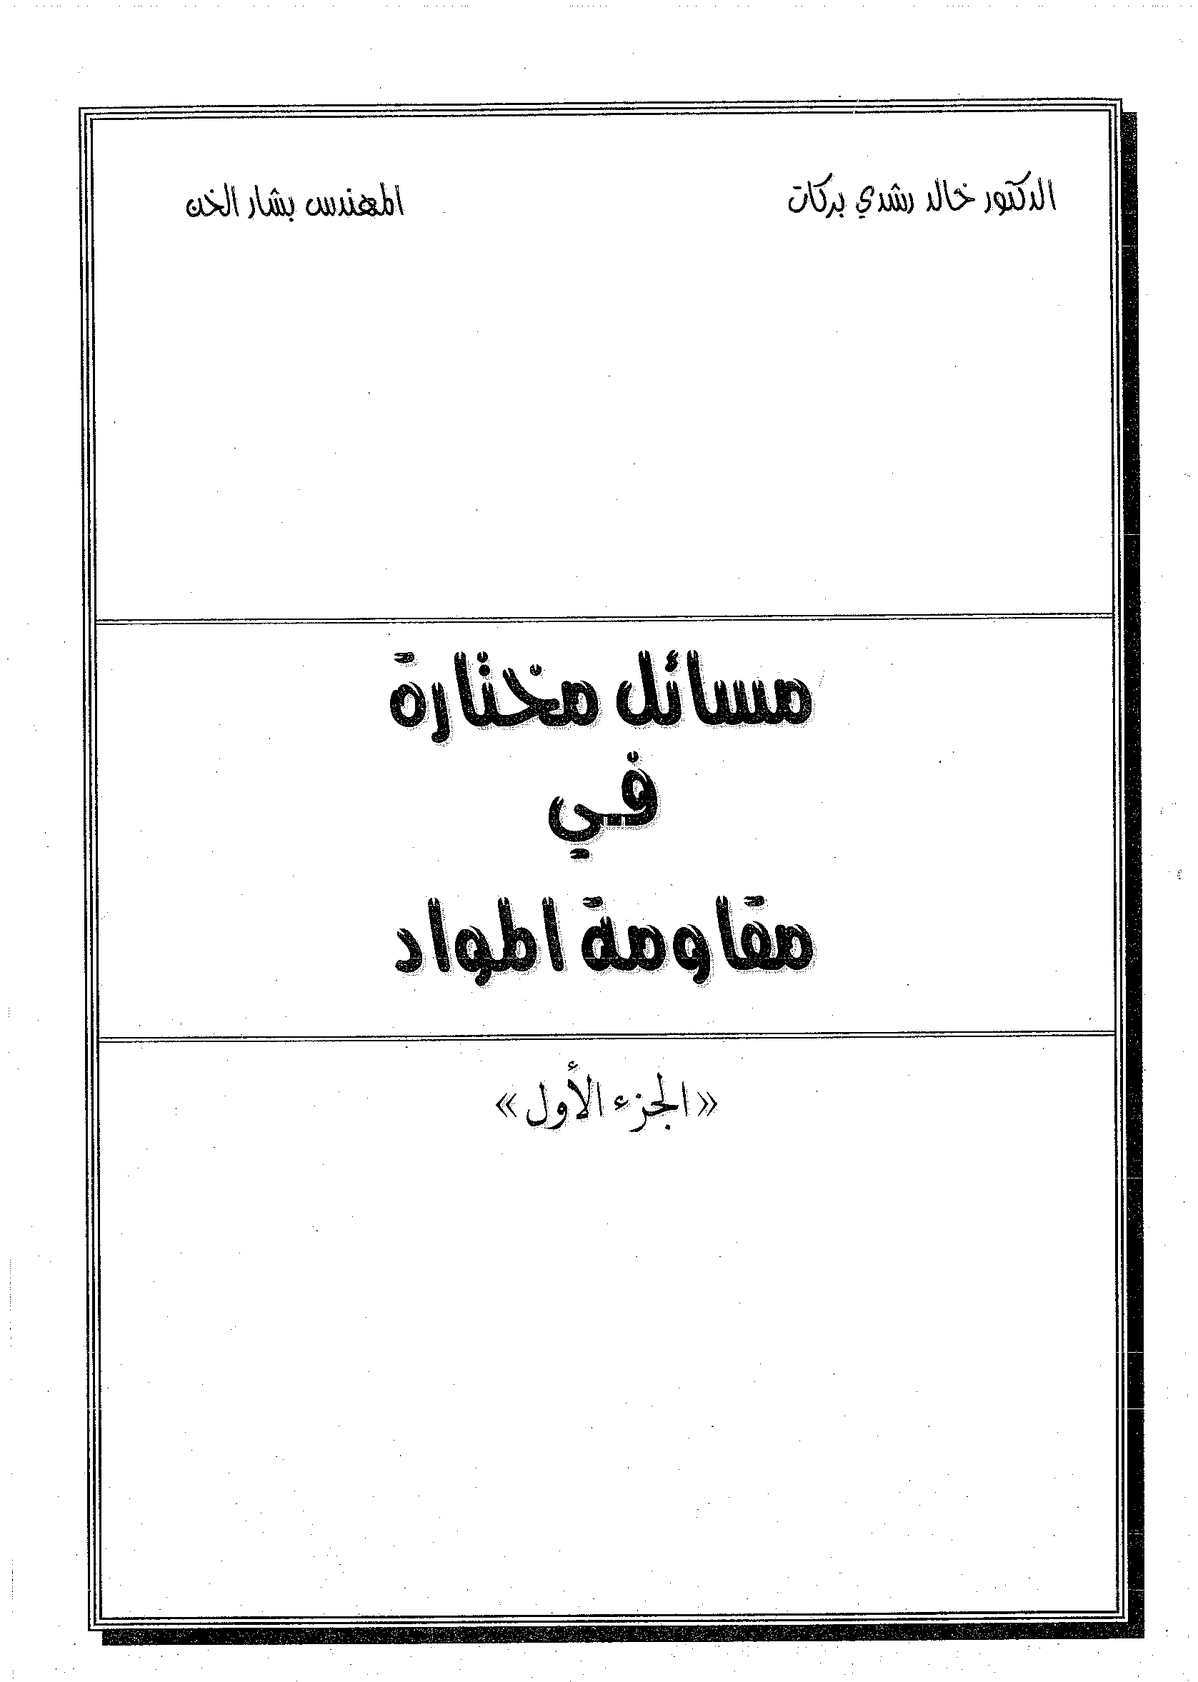 مقاومة المواد -Lalib40